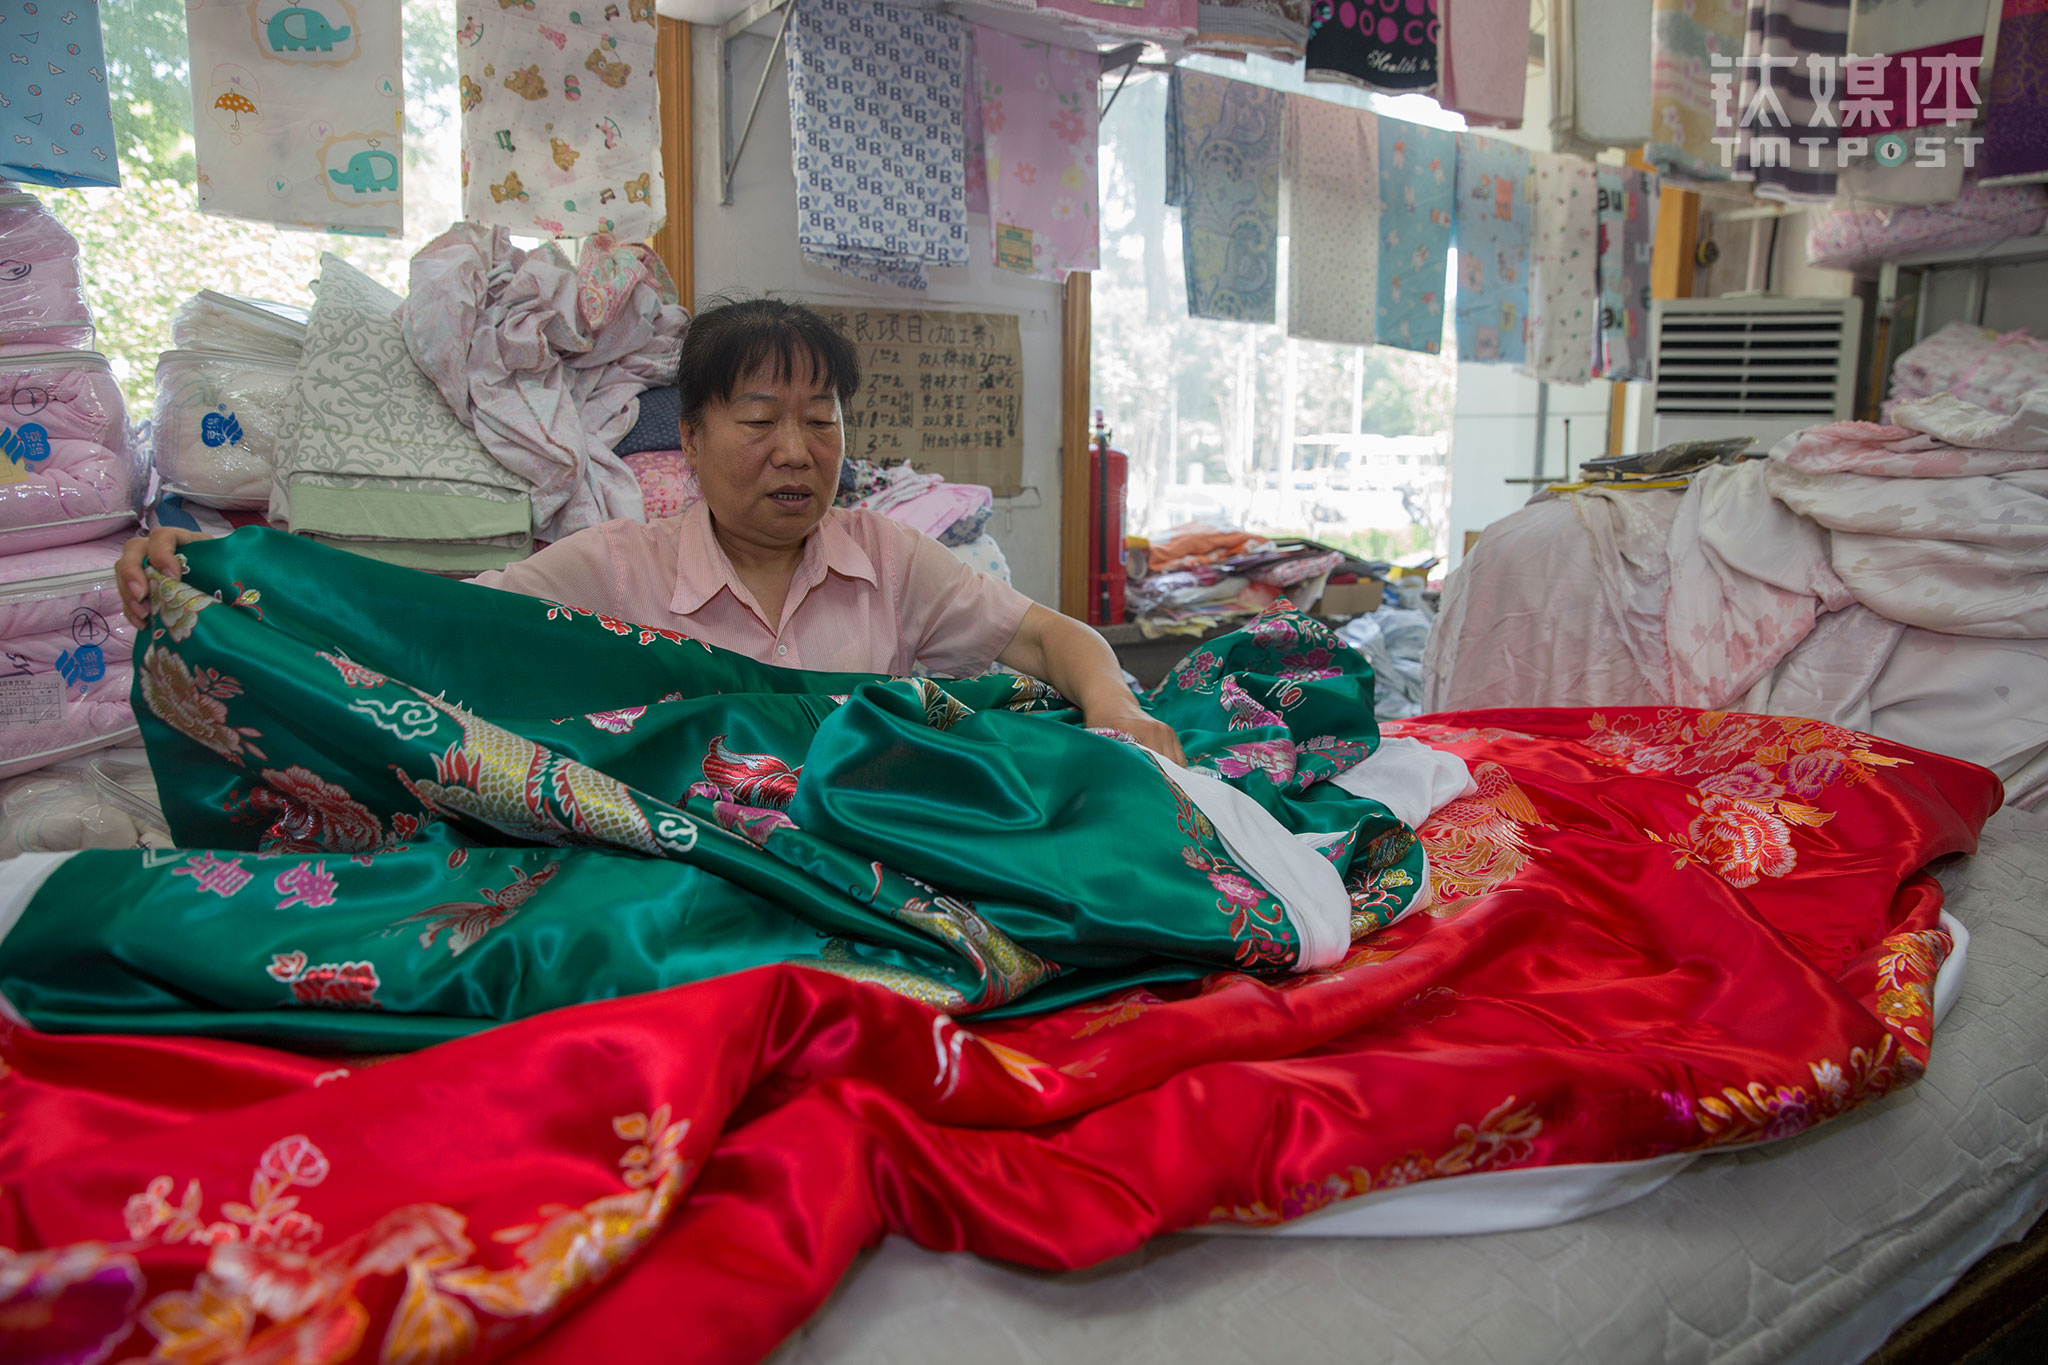 """2017年6月20日,大方百货布组售货员刘惠荣在整理顾客购买的结婚被。""""男红女绿鸳鸯牡丹和龙凤呈祥的传统式样,一般都买一对,家里老人喜欢。"""""""